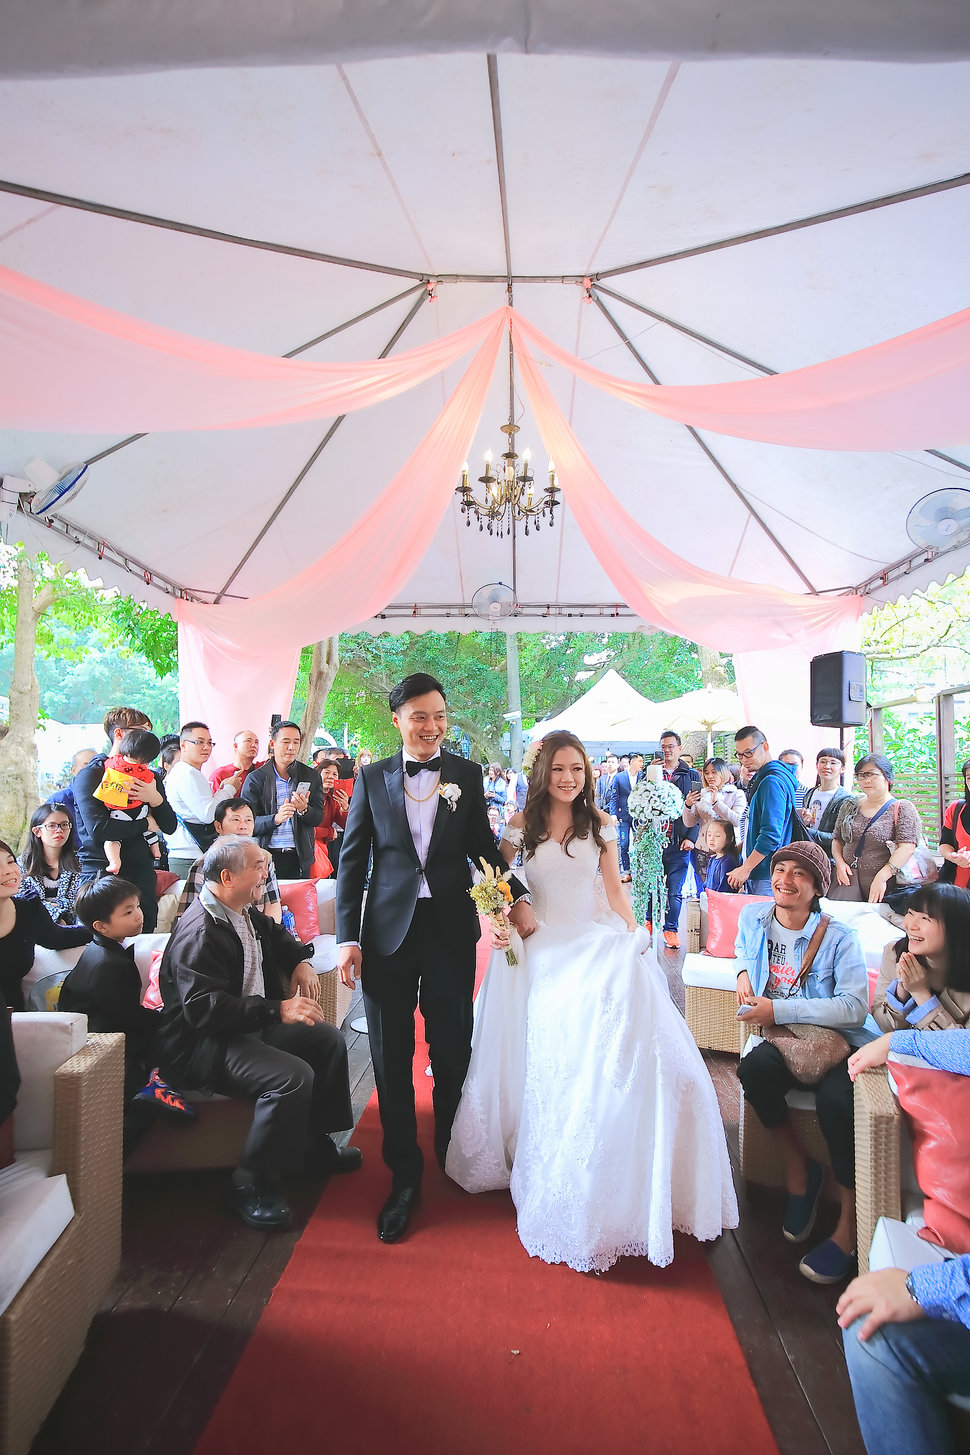 IMG_0387 - H&Y STUDIO 創意影像/阿儒《結婚吧》